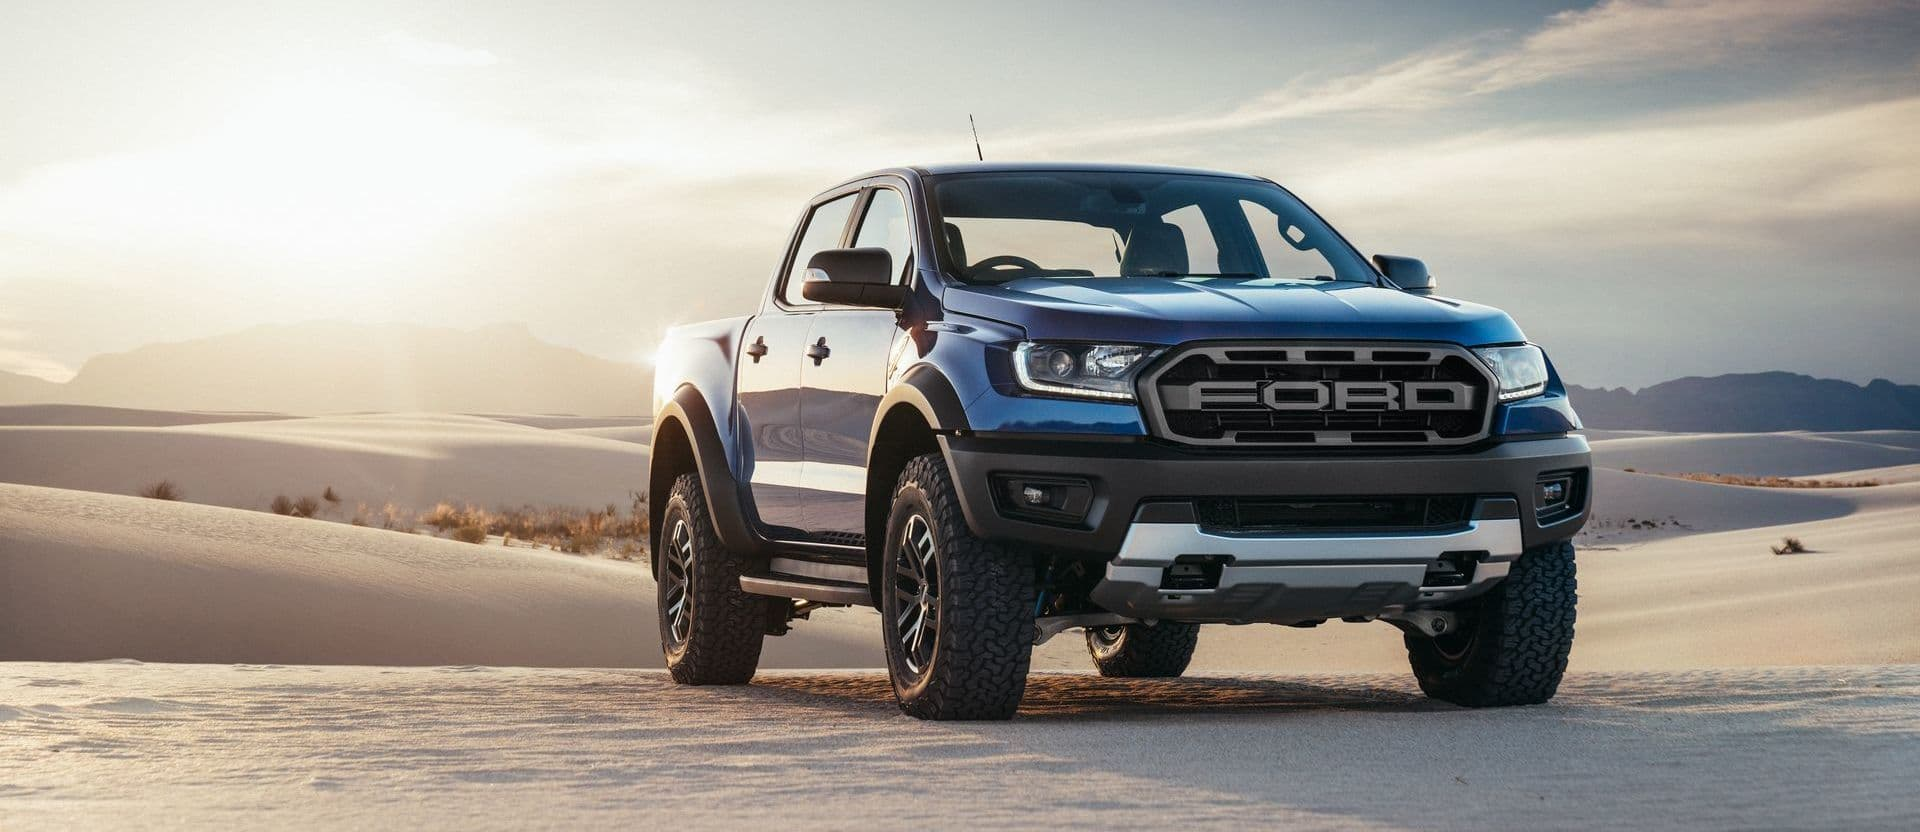 ¡Bestial! La nueva Ford Ranger Raptor ya está aquí, y es ...